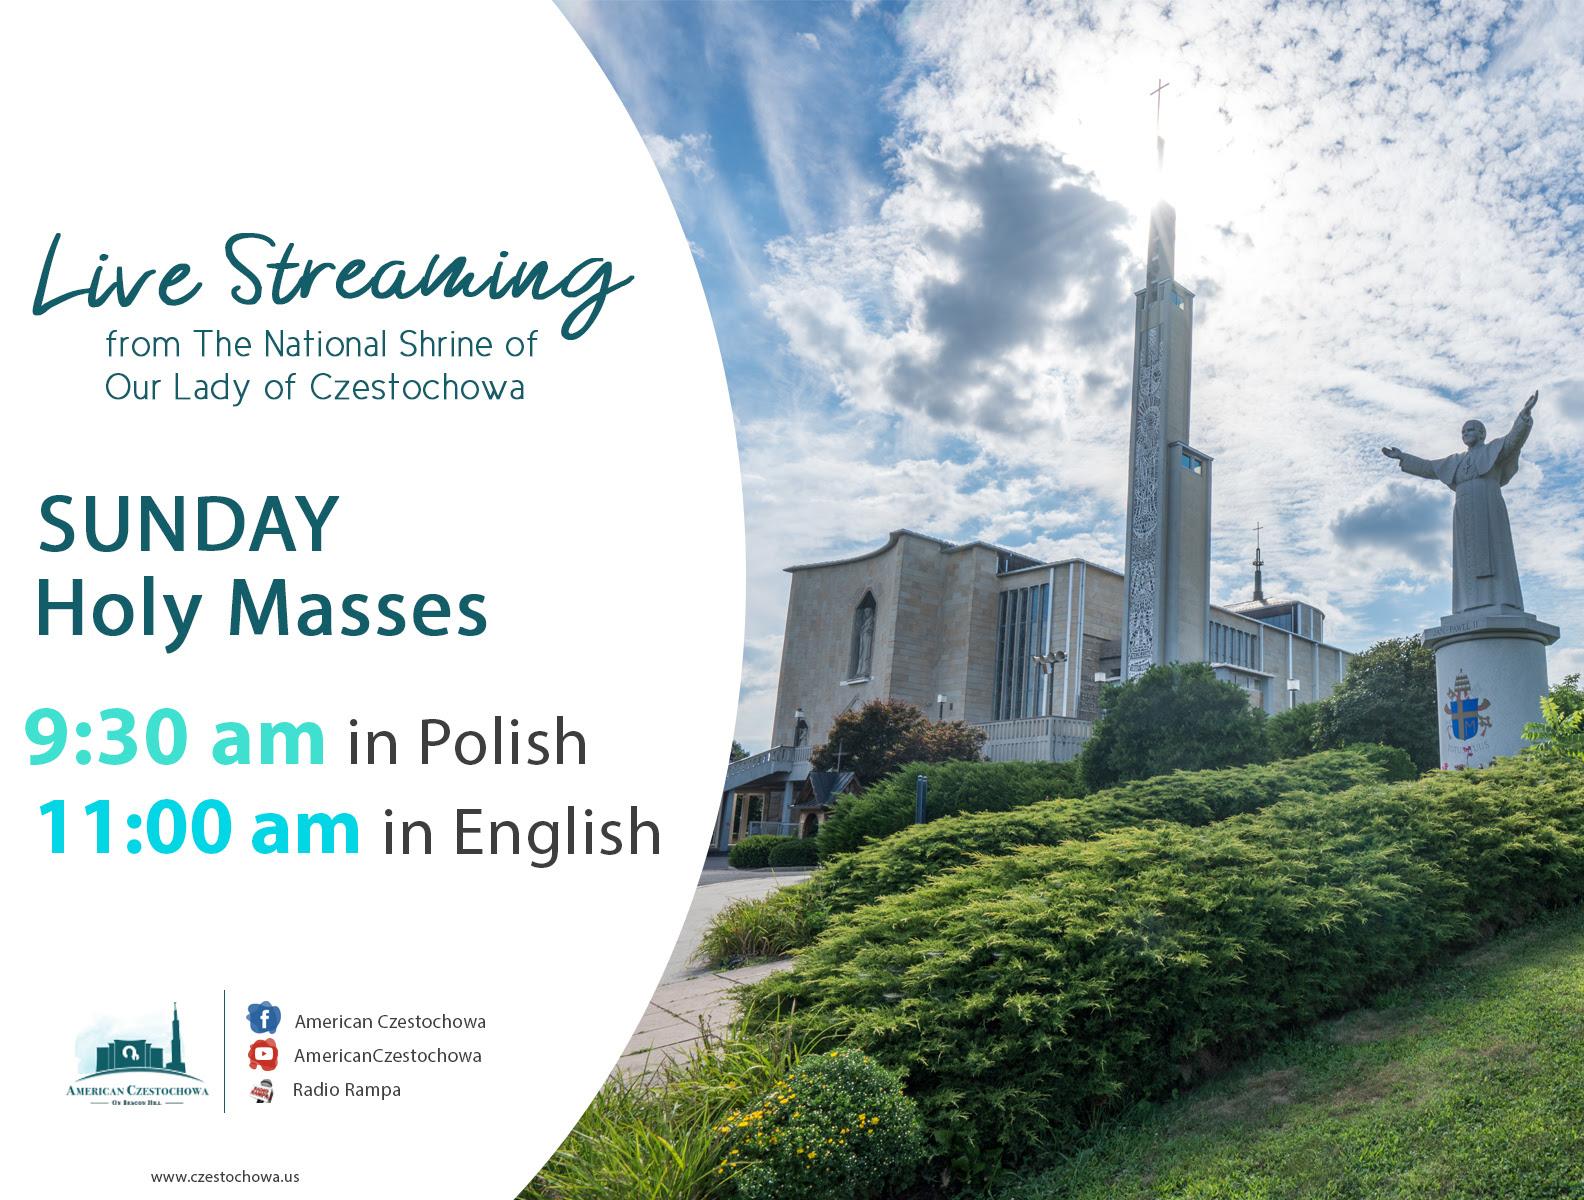 Polskie Msze Święte w USA. Transmisje z Amerykańskiej Częstochowy